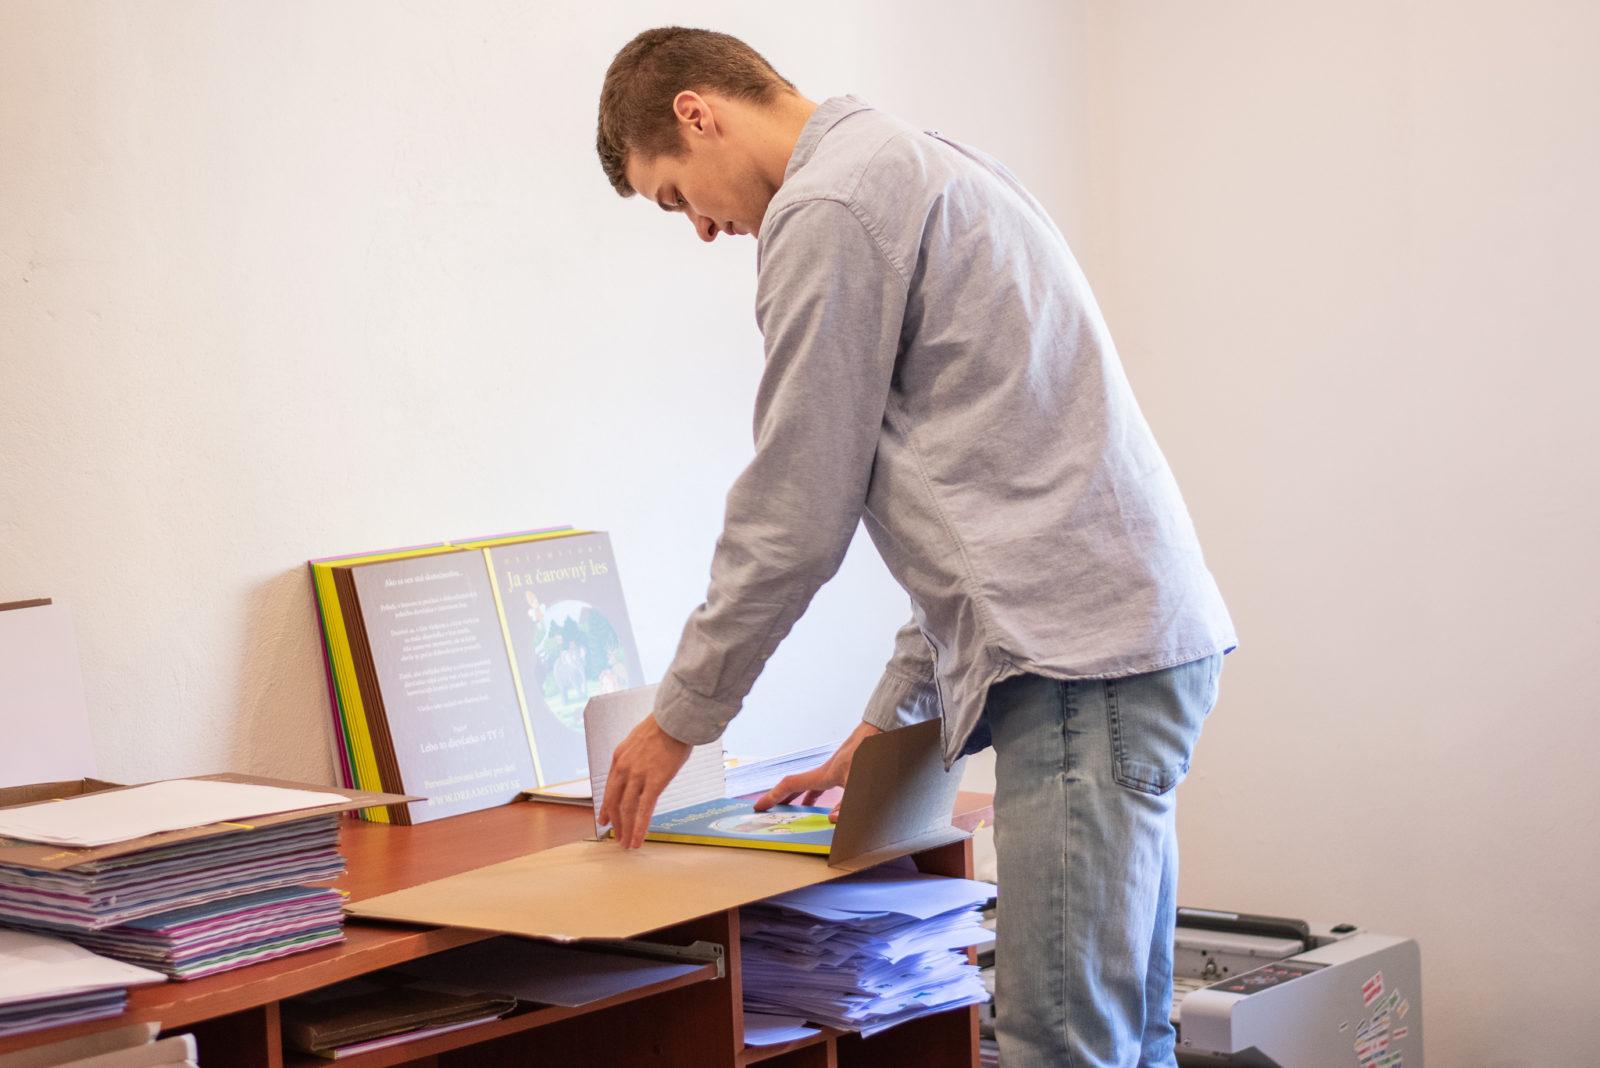 Ľuboš svoj produkt nielen manažuje. Knihy aj sám tlačí a pripravuje na expedíciu.